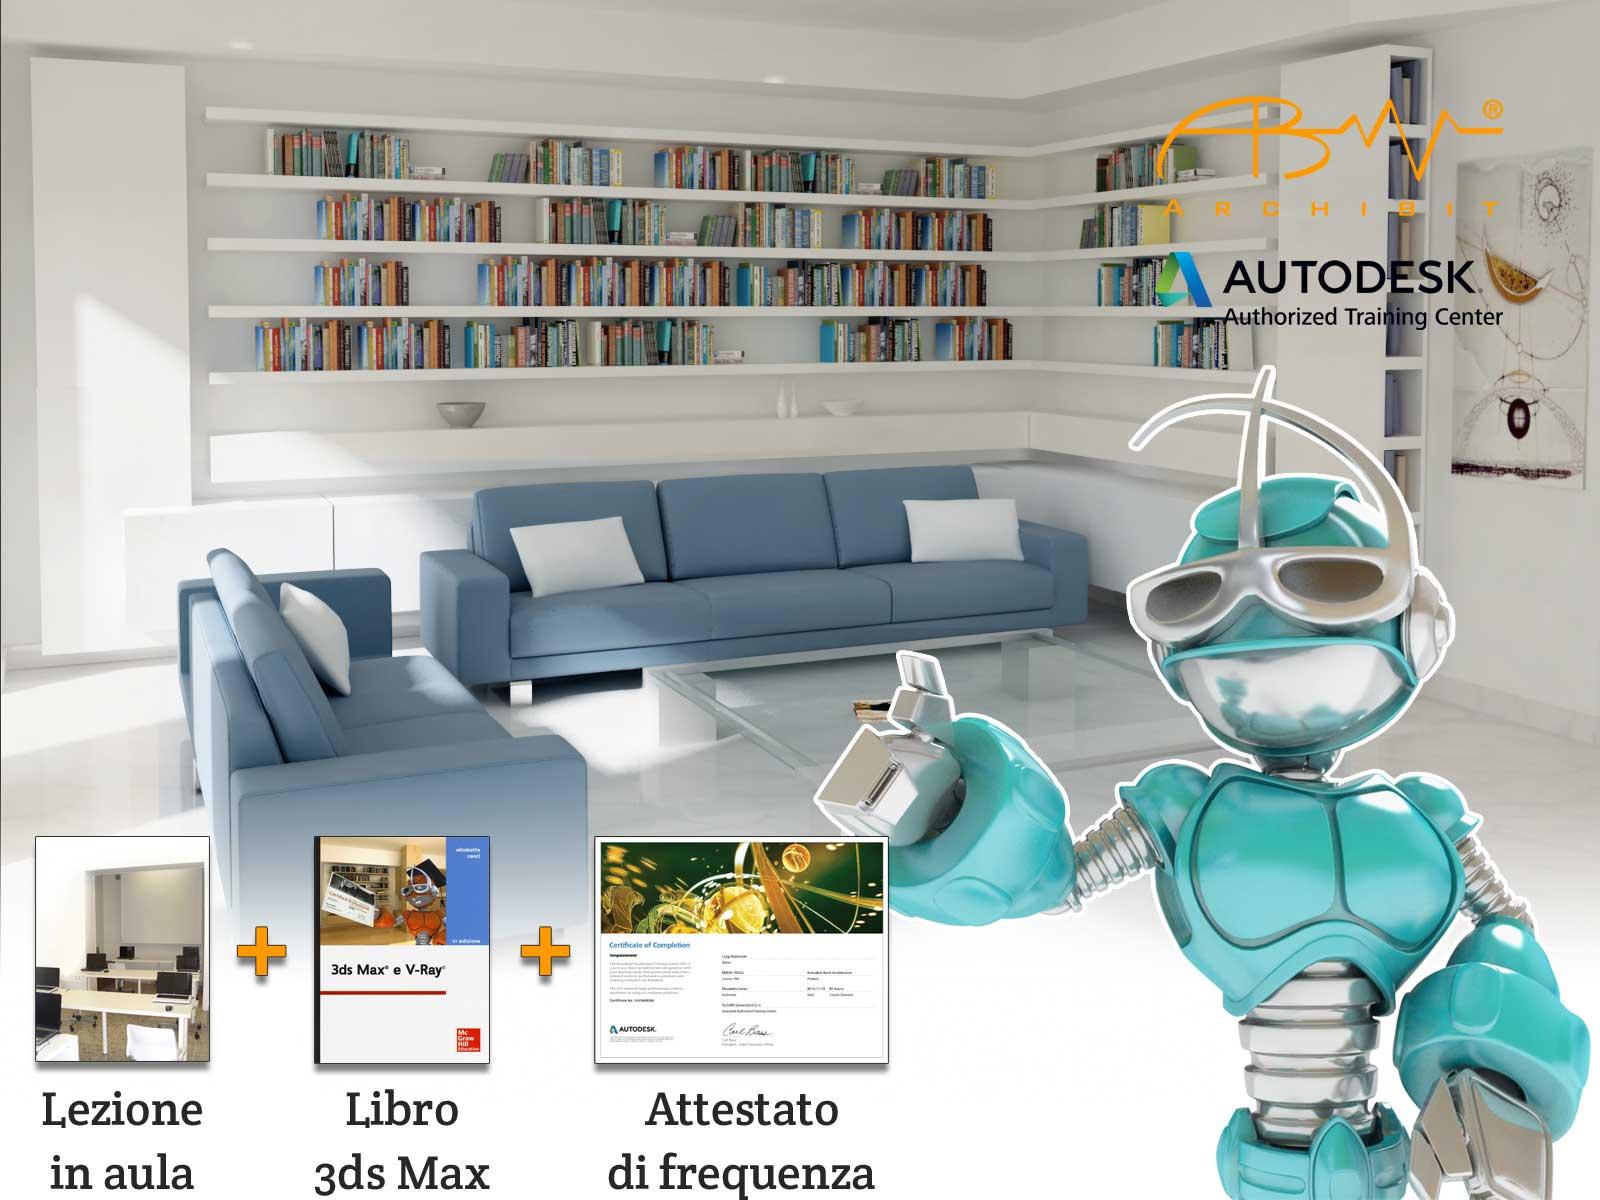 corso 3ds max modellazione 3d a roma archibit centro corsi autodesk 3d studio max